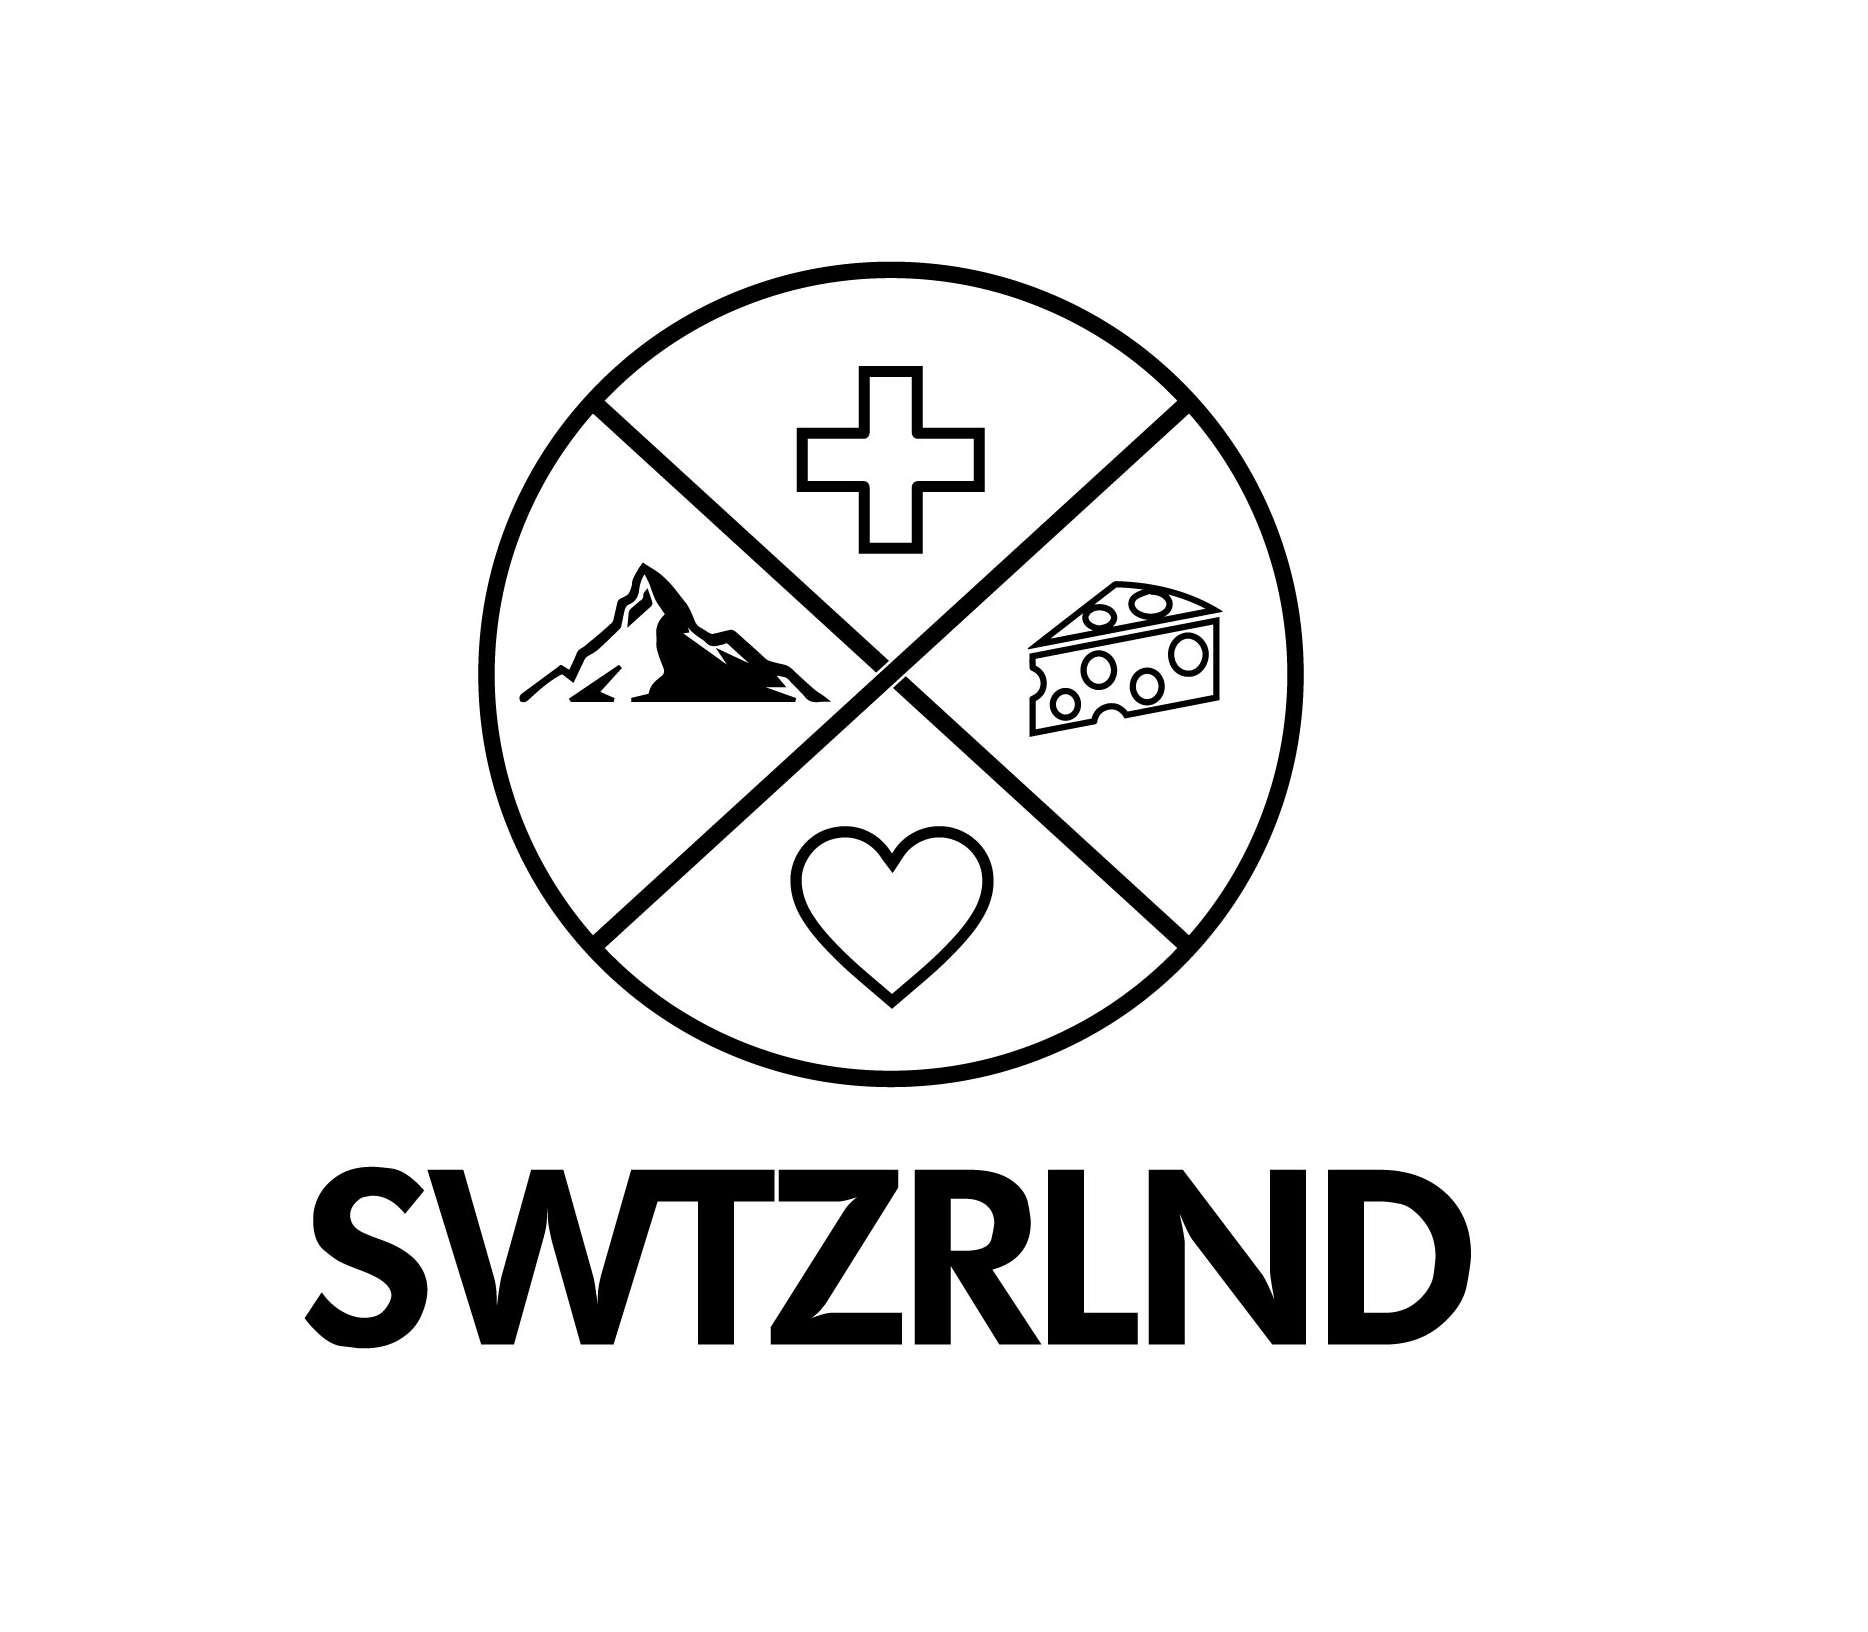 SWTZRLND